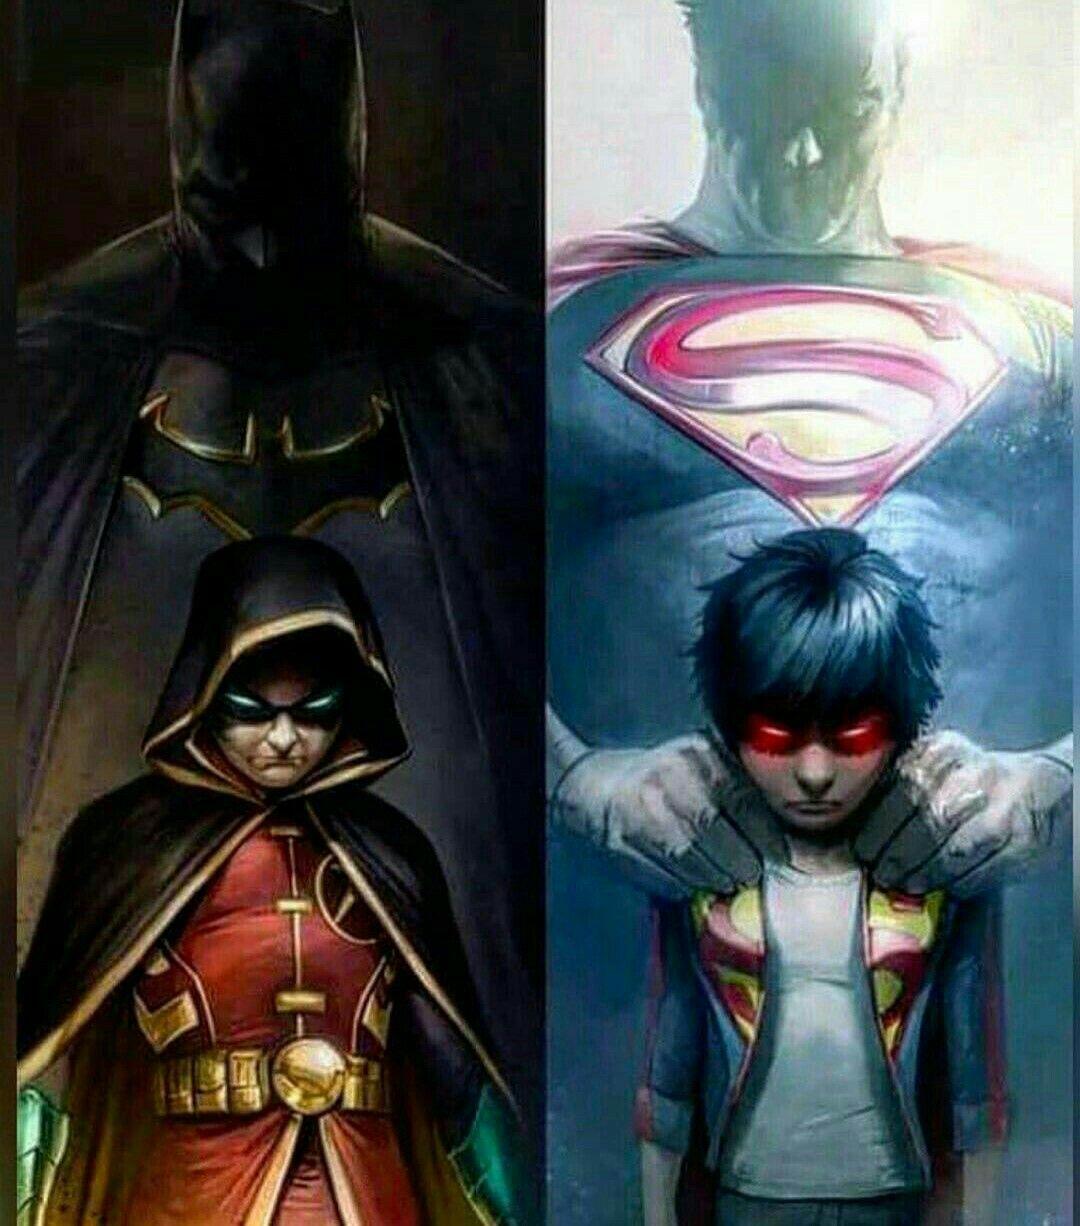 DC Comics Imagines 2 *Editing* - Damian Wayne x Sibling